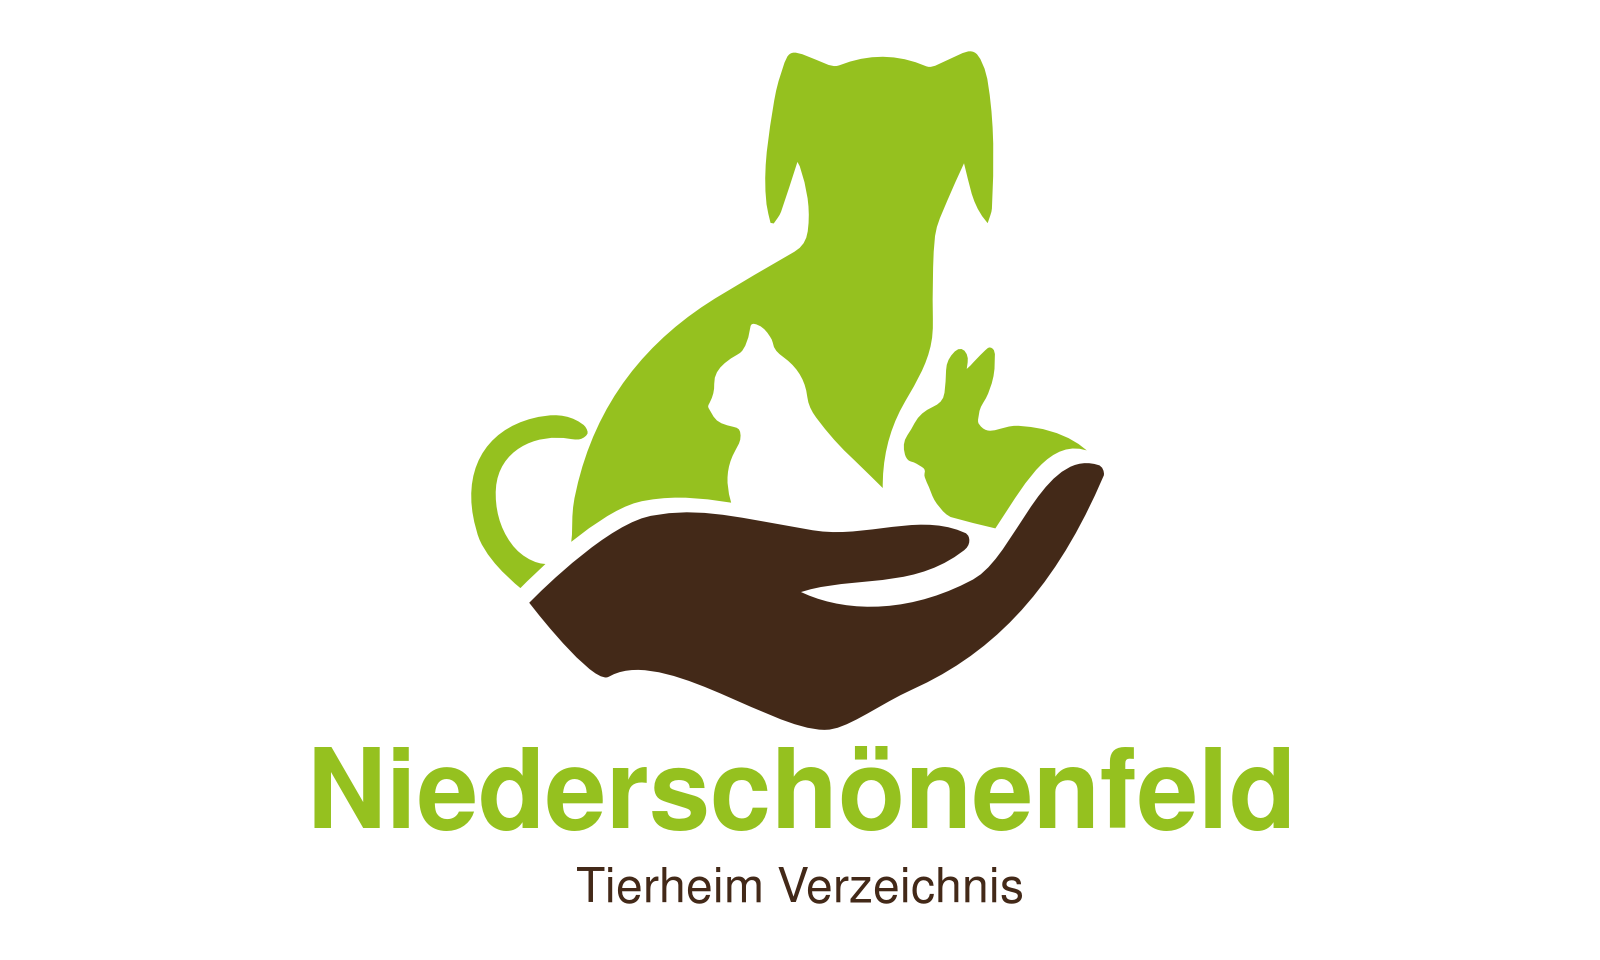 Tierheim Niederschönenfeld